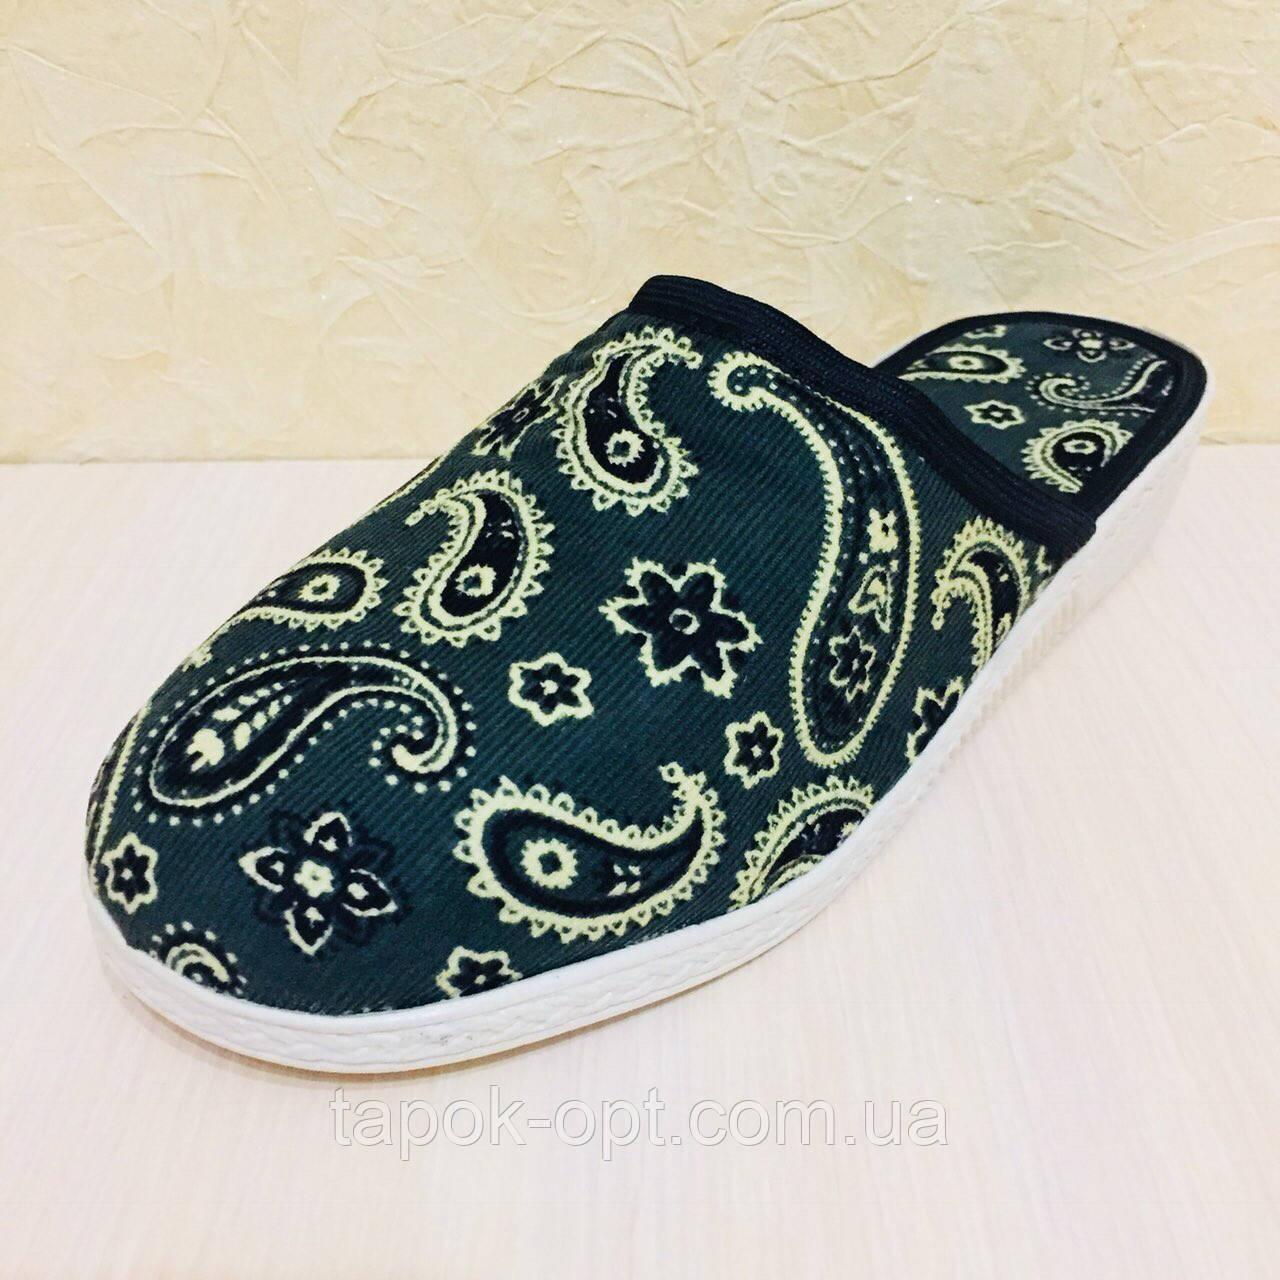 Домашняя женская обувь ПВХ подошва